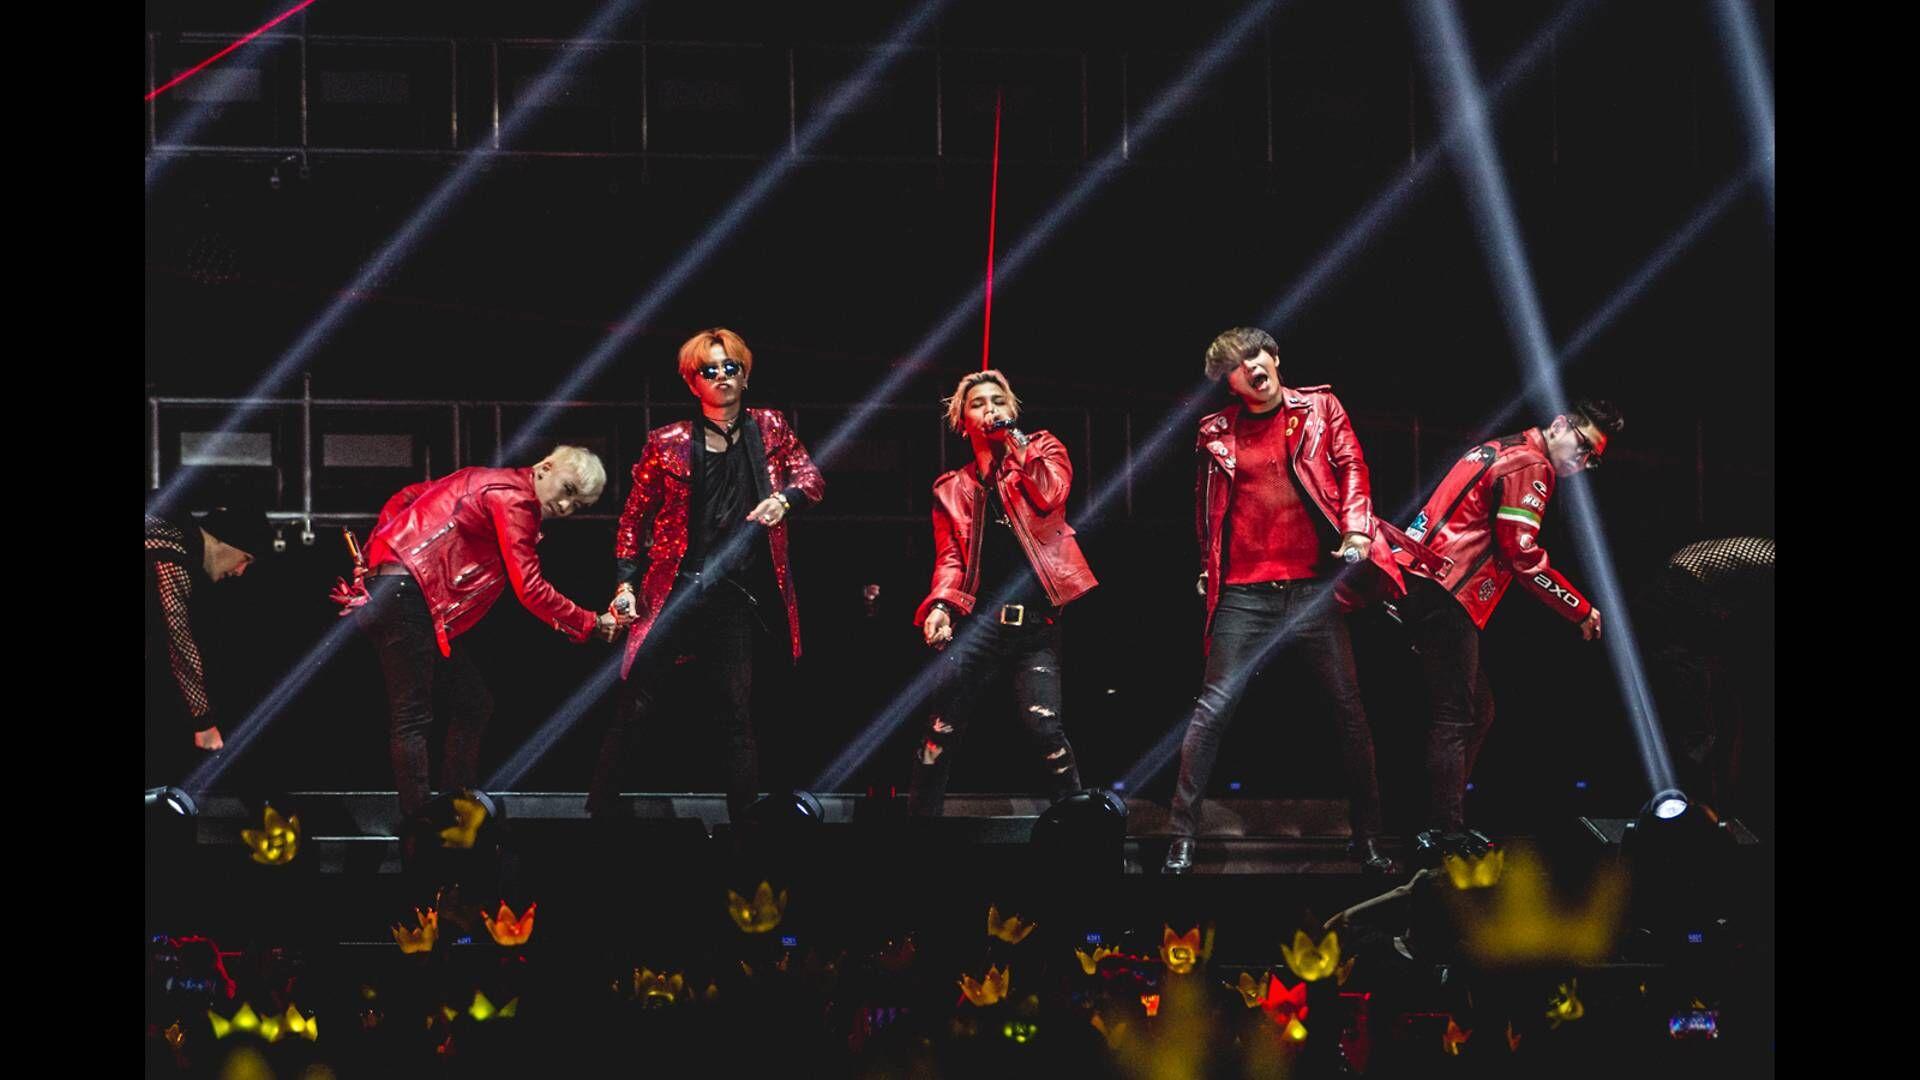 Big Bang否認演出內地綜藝節目